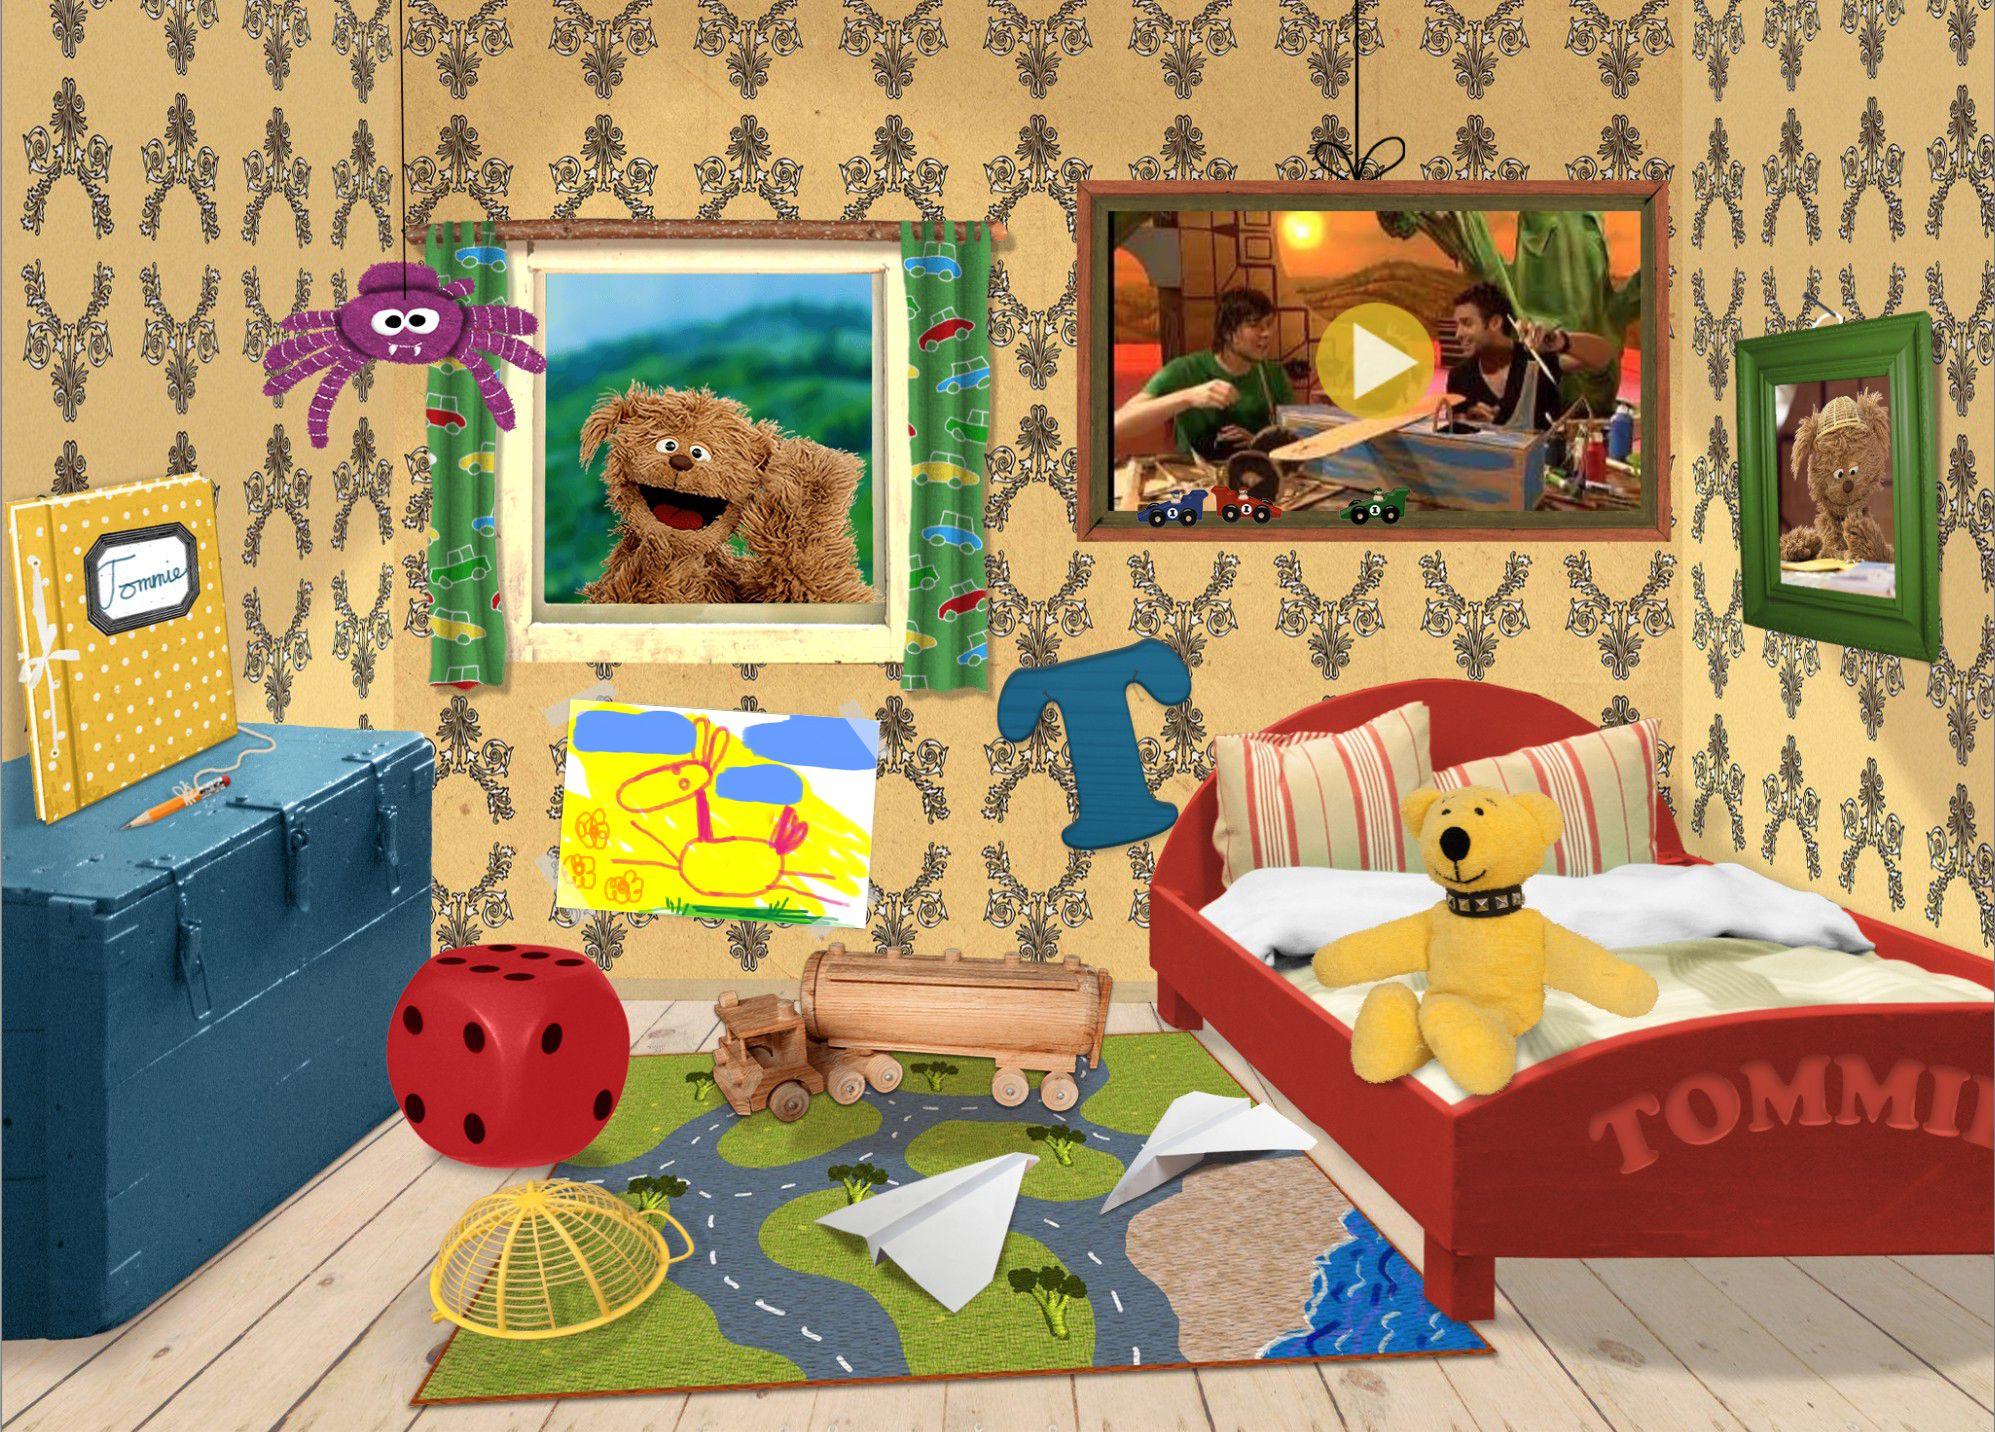 Speel spelletjes samen met tommie - Van de kamer kind ...